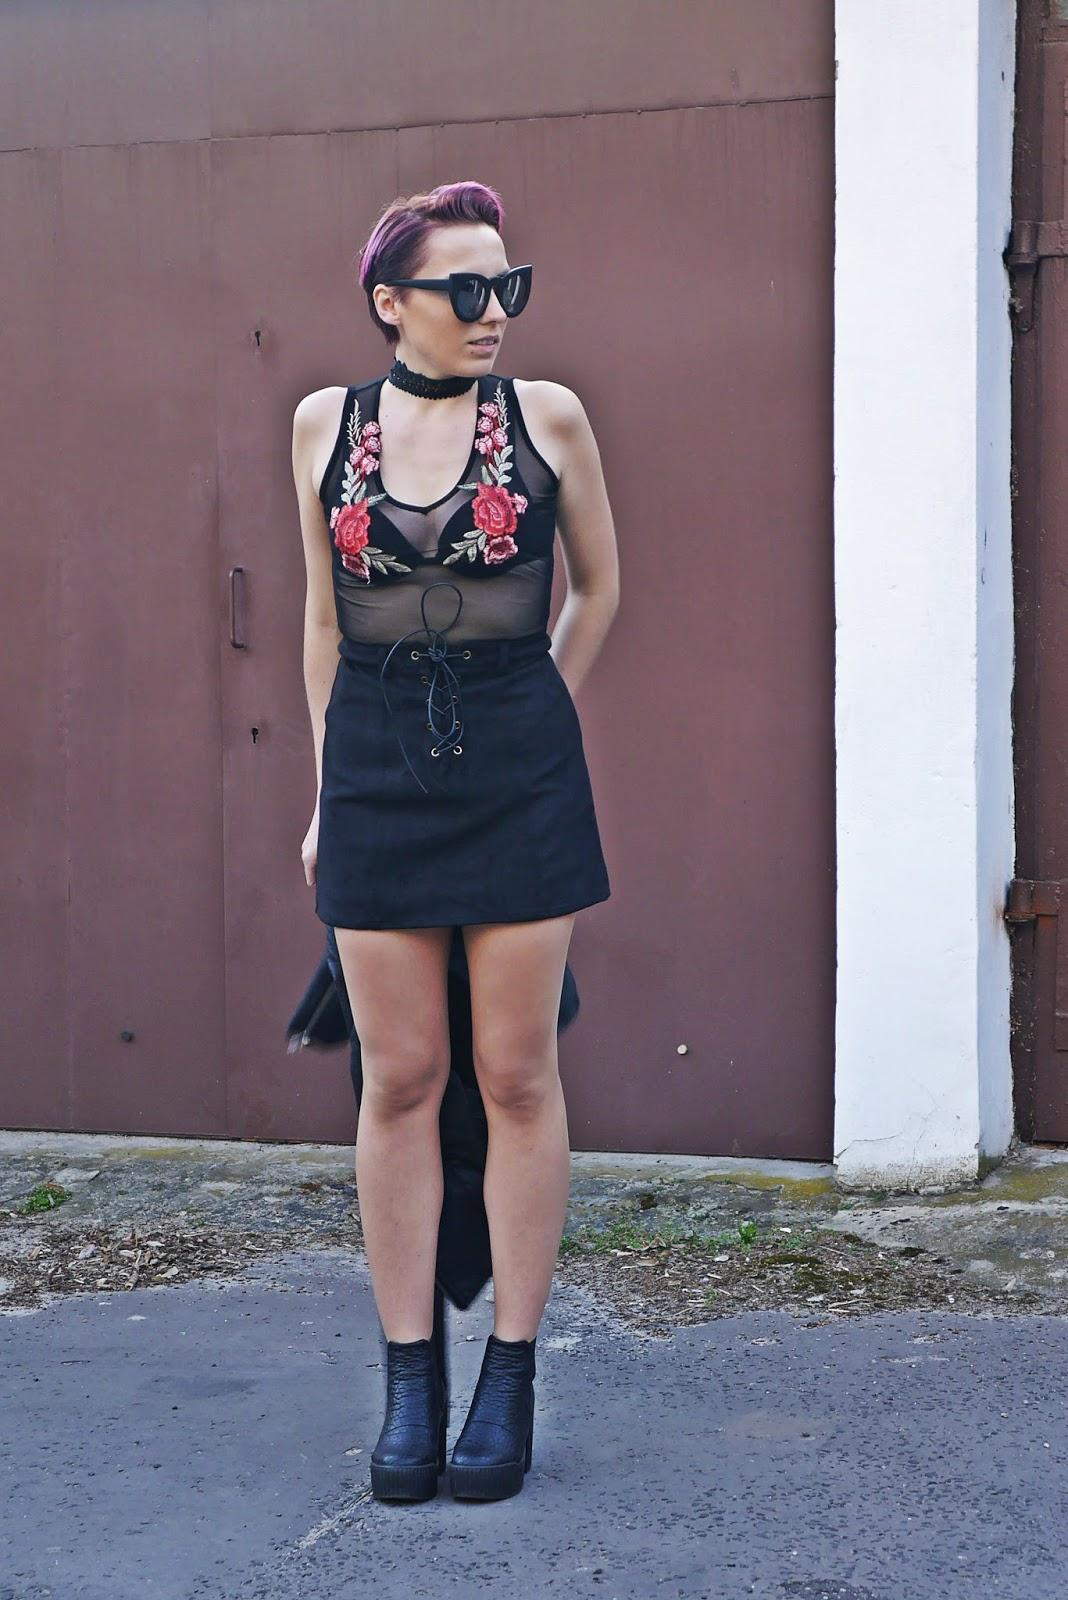 buty_platformy_look_ootd_karyn_czarna_spodnica_naszywki_outfit_ramoneska_180417c